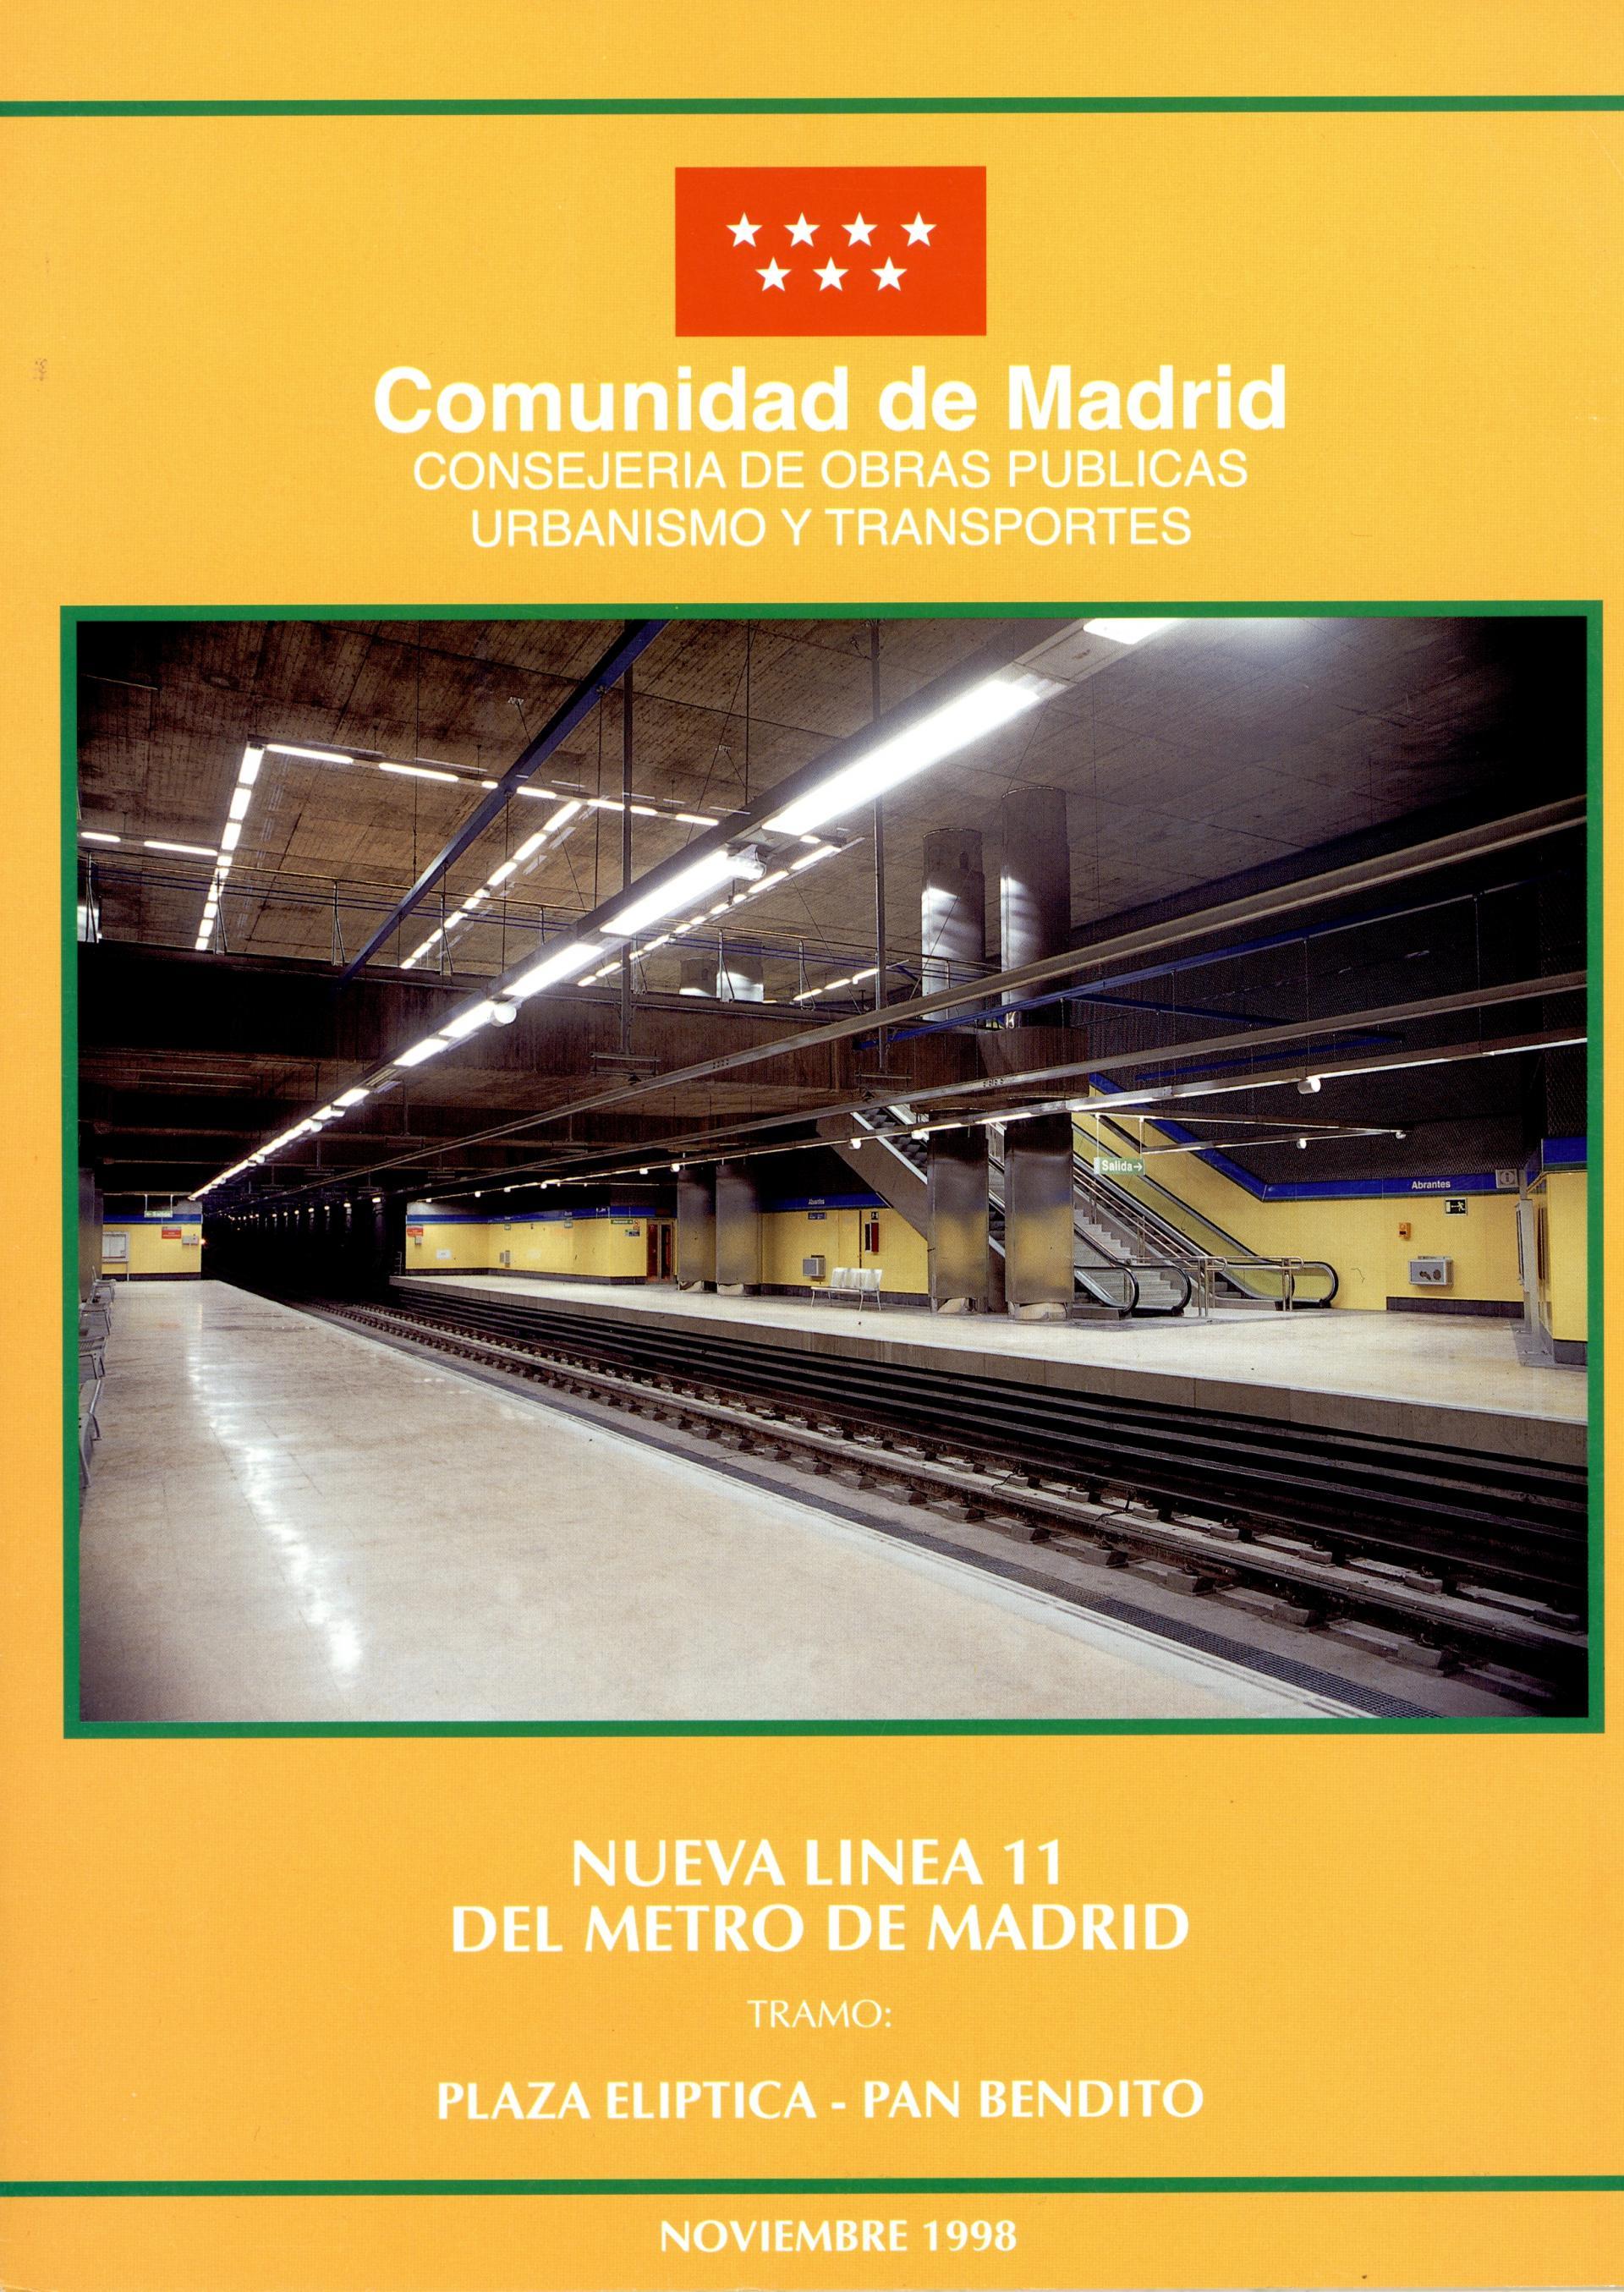 Carátula folleto L11 Plaza Elíptica-Pan Bendito